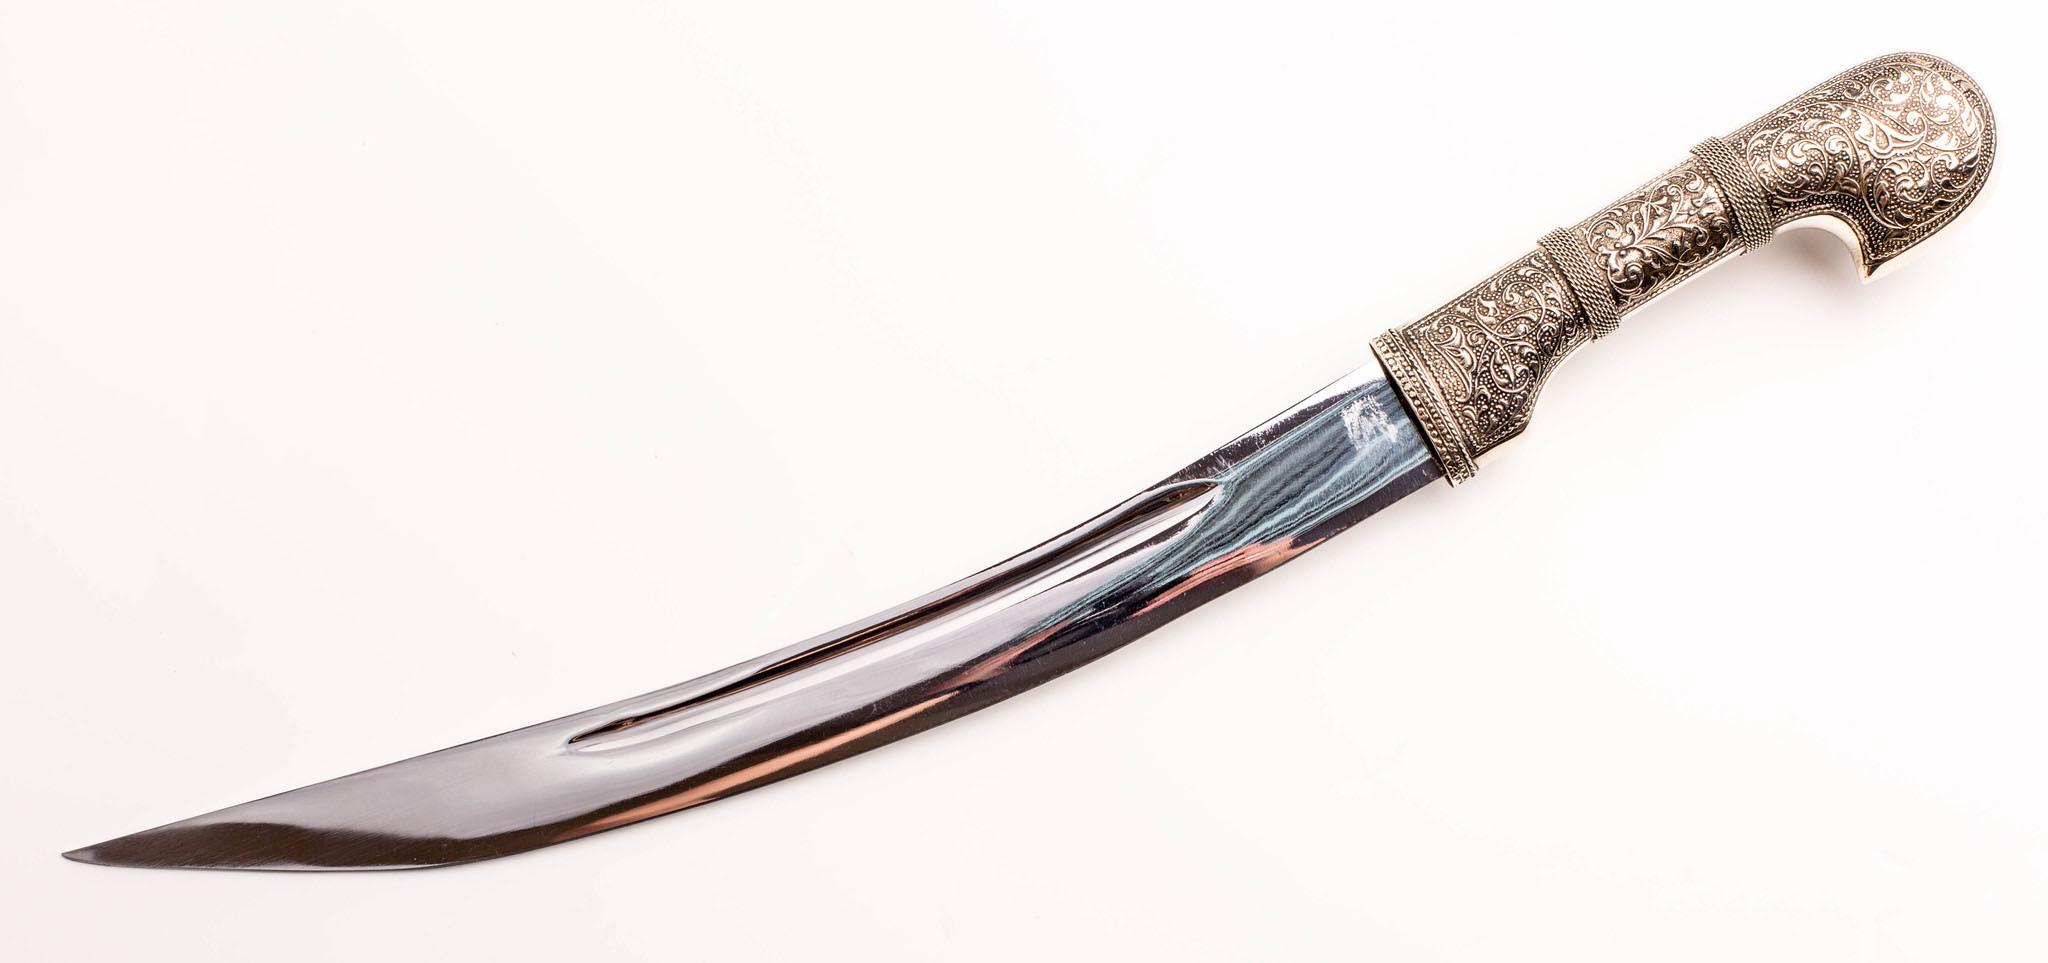 Ятаган сувенирный Янычар, кожа яигрушка ятаган